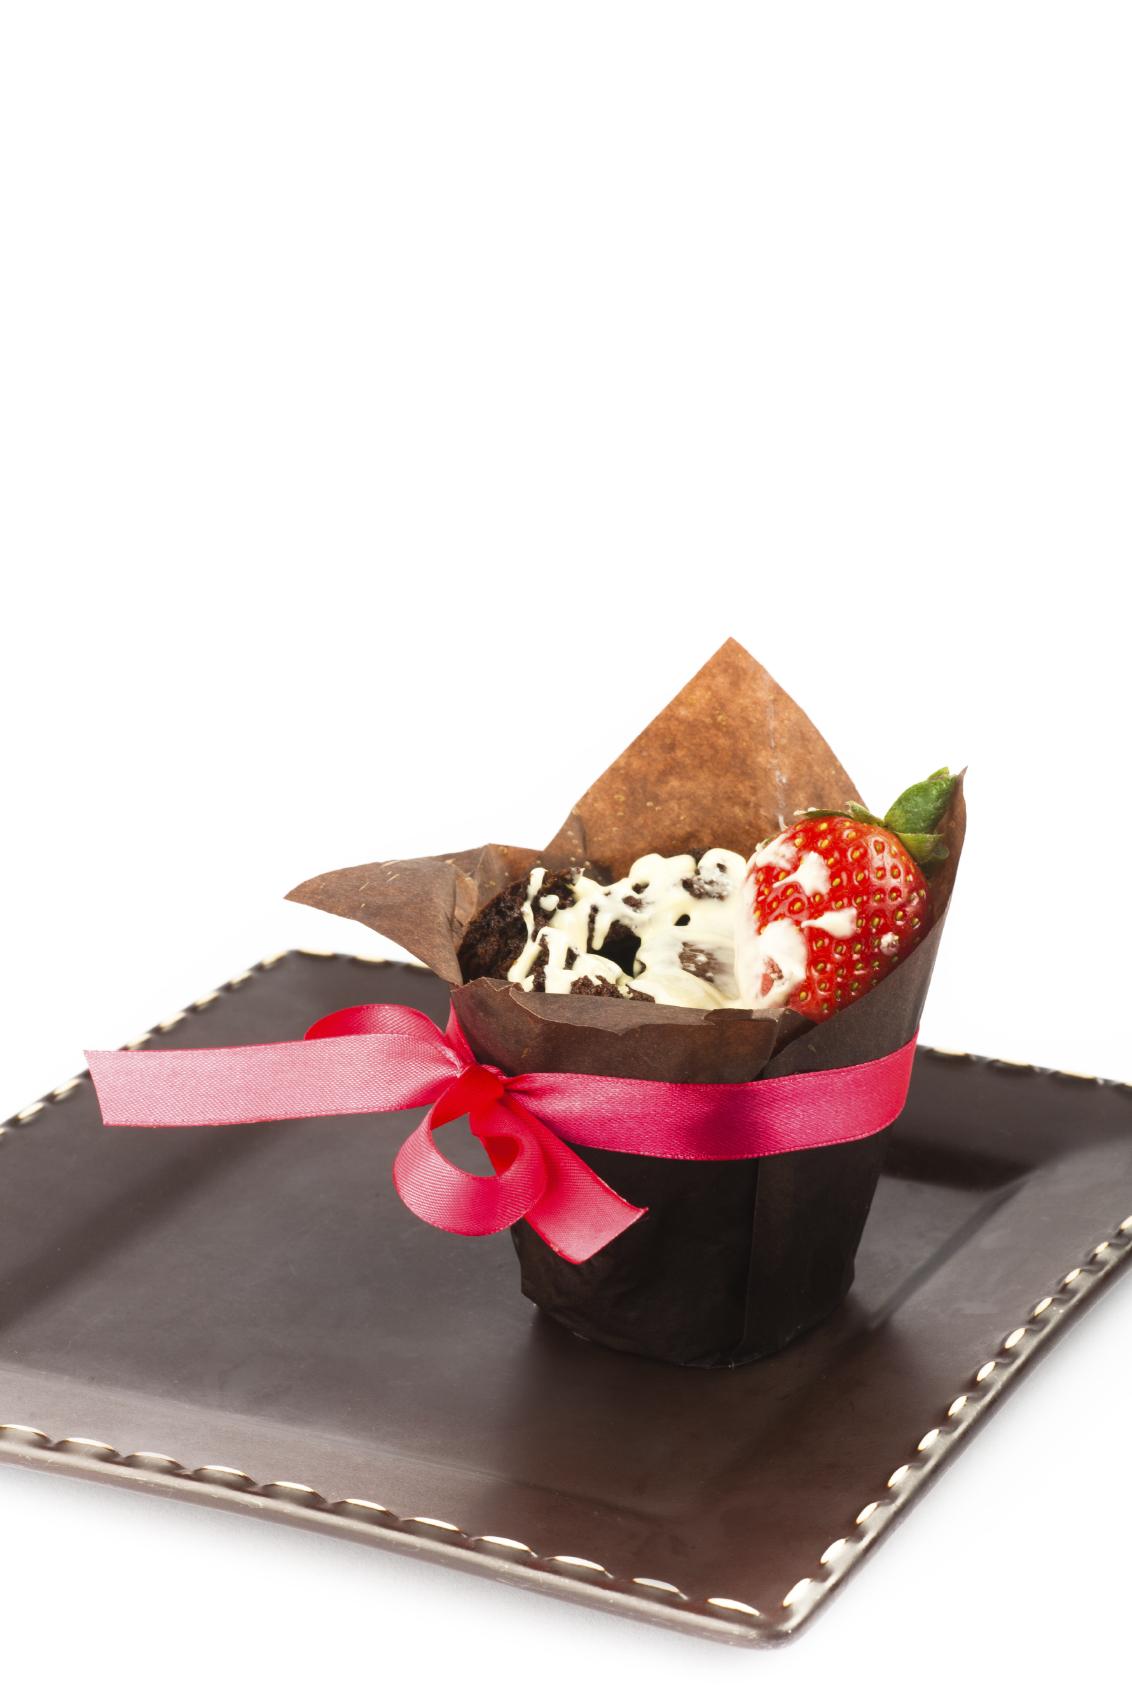 Cupcakes con fresas y chocolate blanco